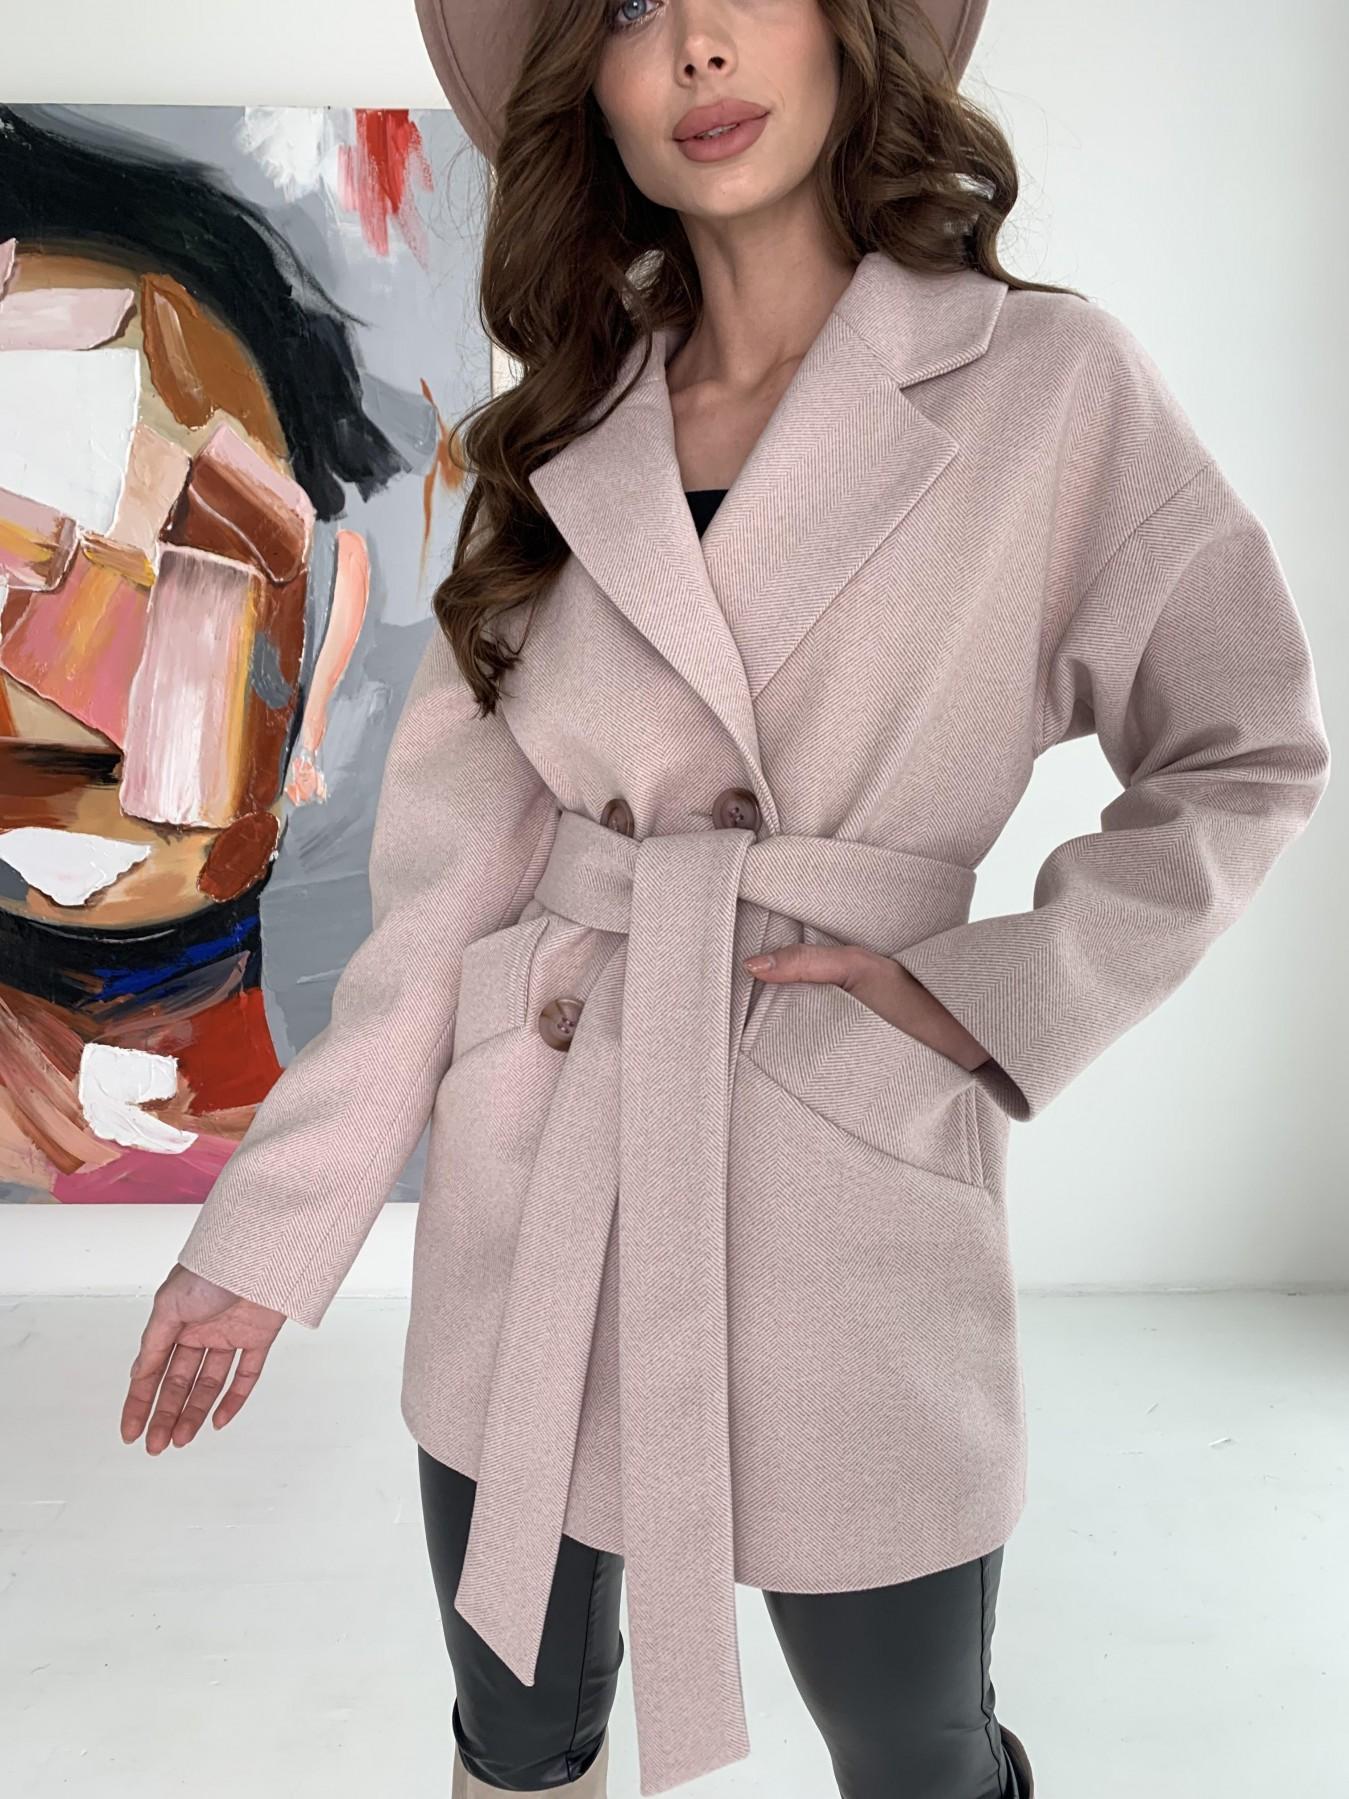 Бонд пальто из пальтовой ткани в мелкую елочку 10640 АРТ. 47007 Цвет: Пудра - фото 8, интернет магазин tm-modus.ru